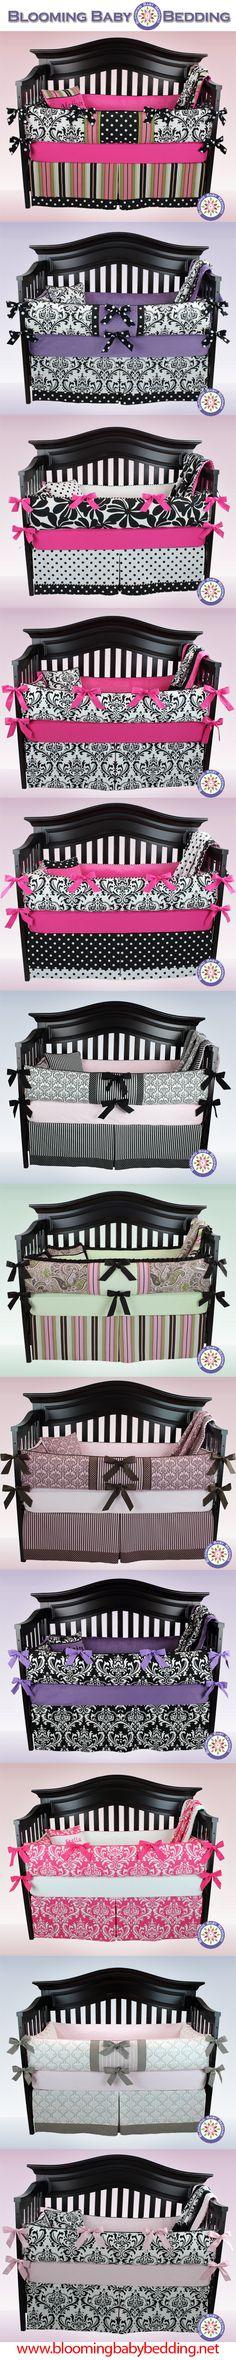 Baby Bedding - Crib Bedding - Baby Girl Bedding